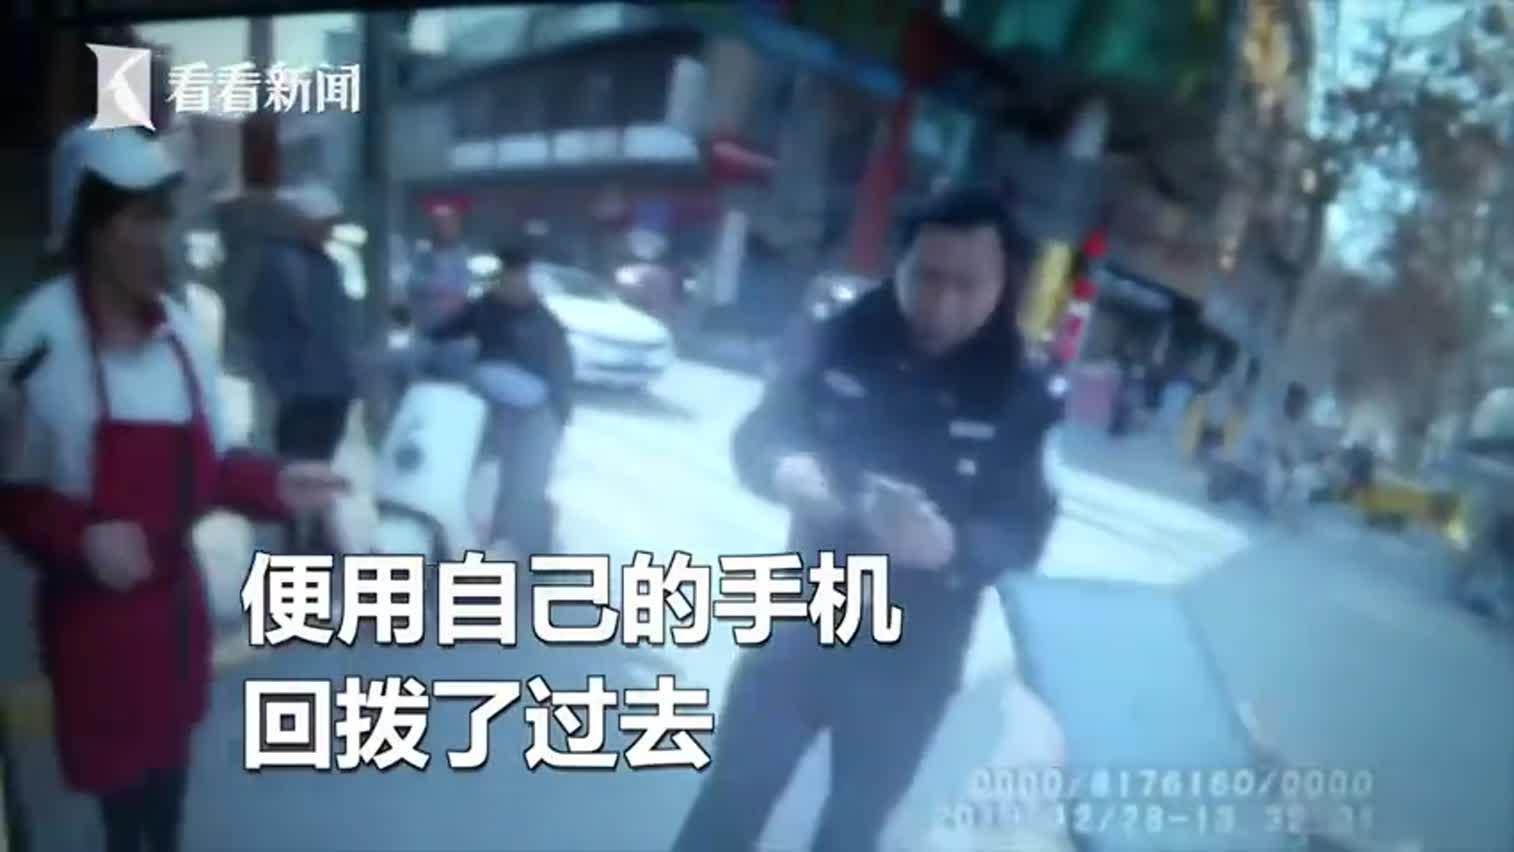 """视频-小偷连盗两部手机 喝酒""""庆祝""""醉倒路边被抓"""